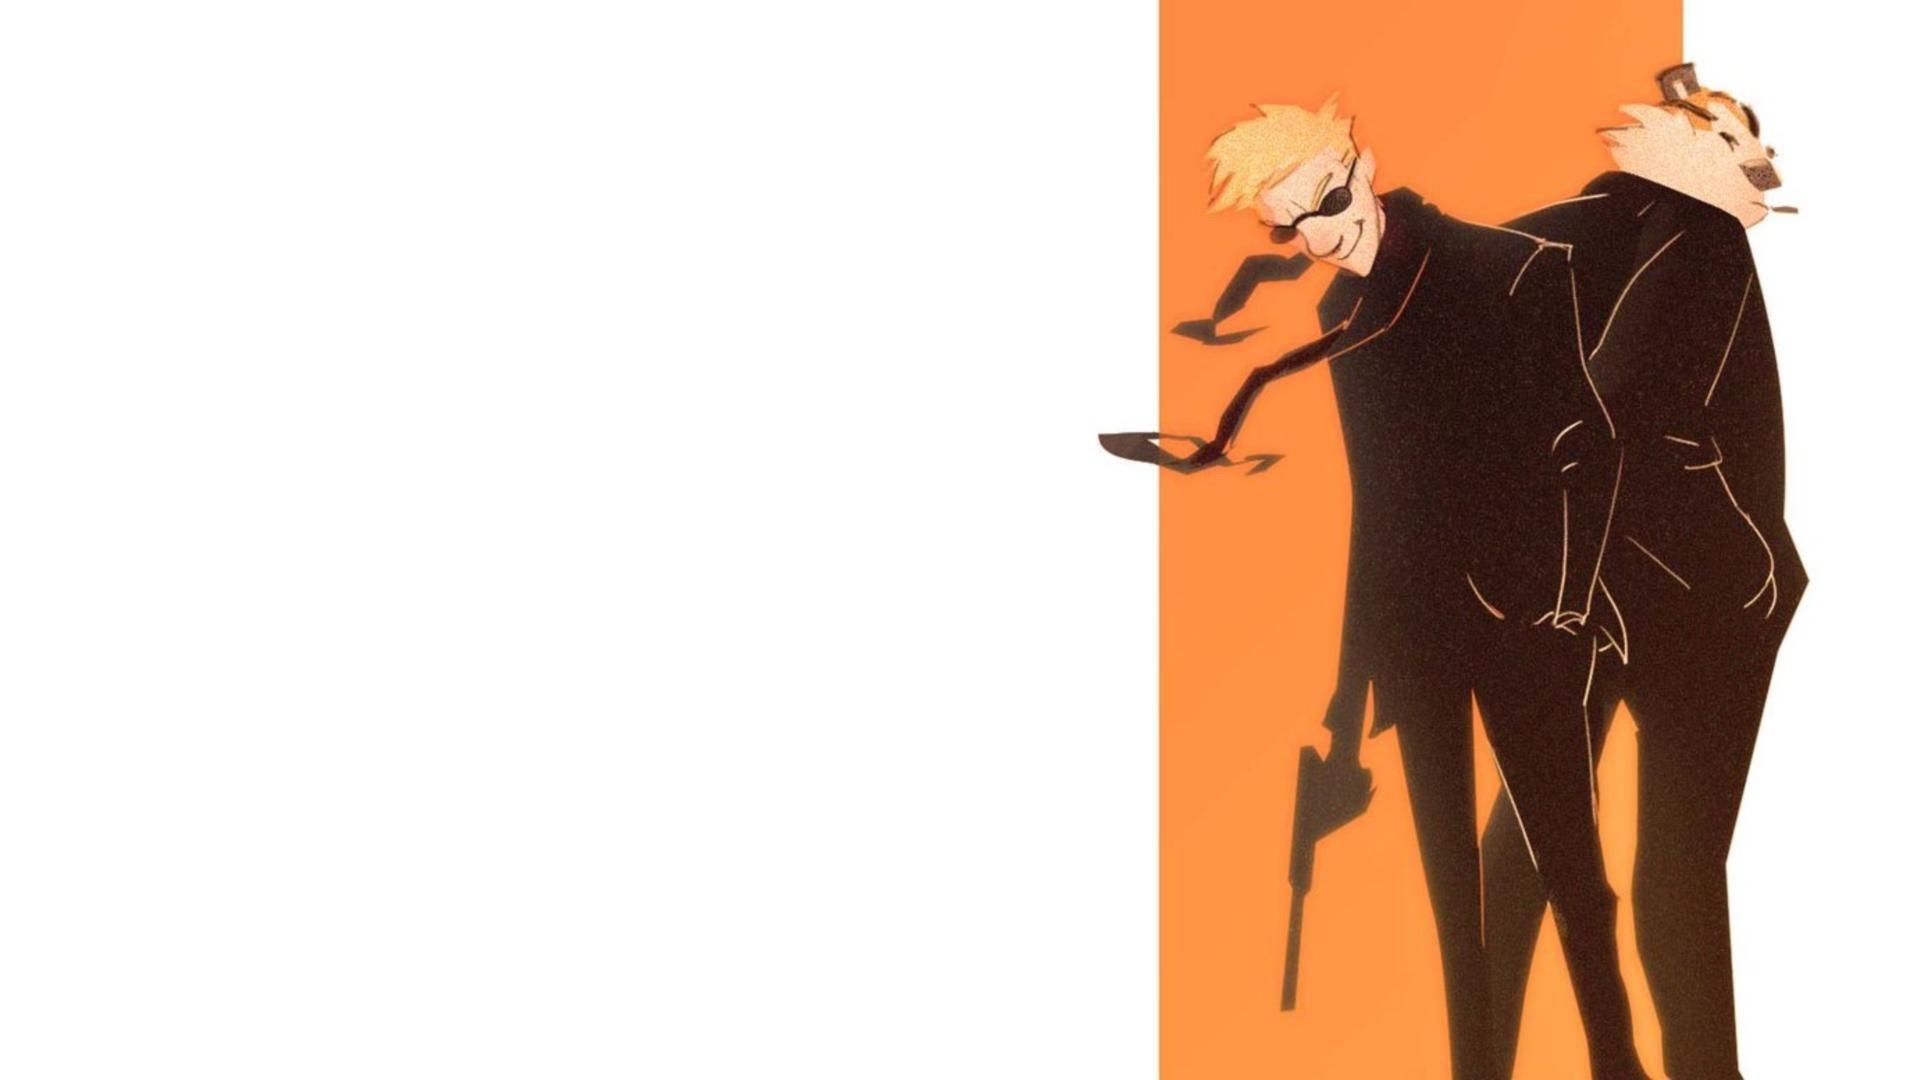 Secret Agent Calvin & Hobbes [WALLPAPER 1920×1080] …